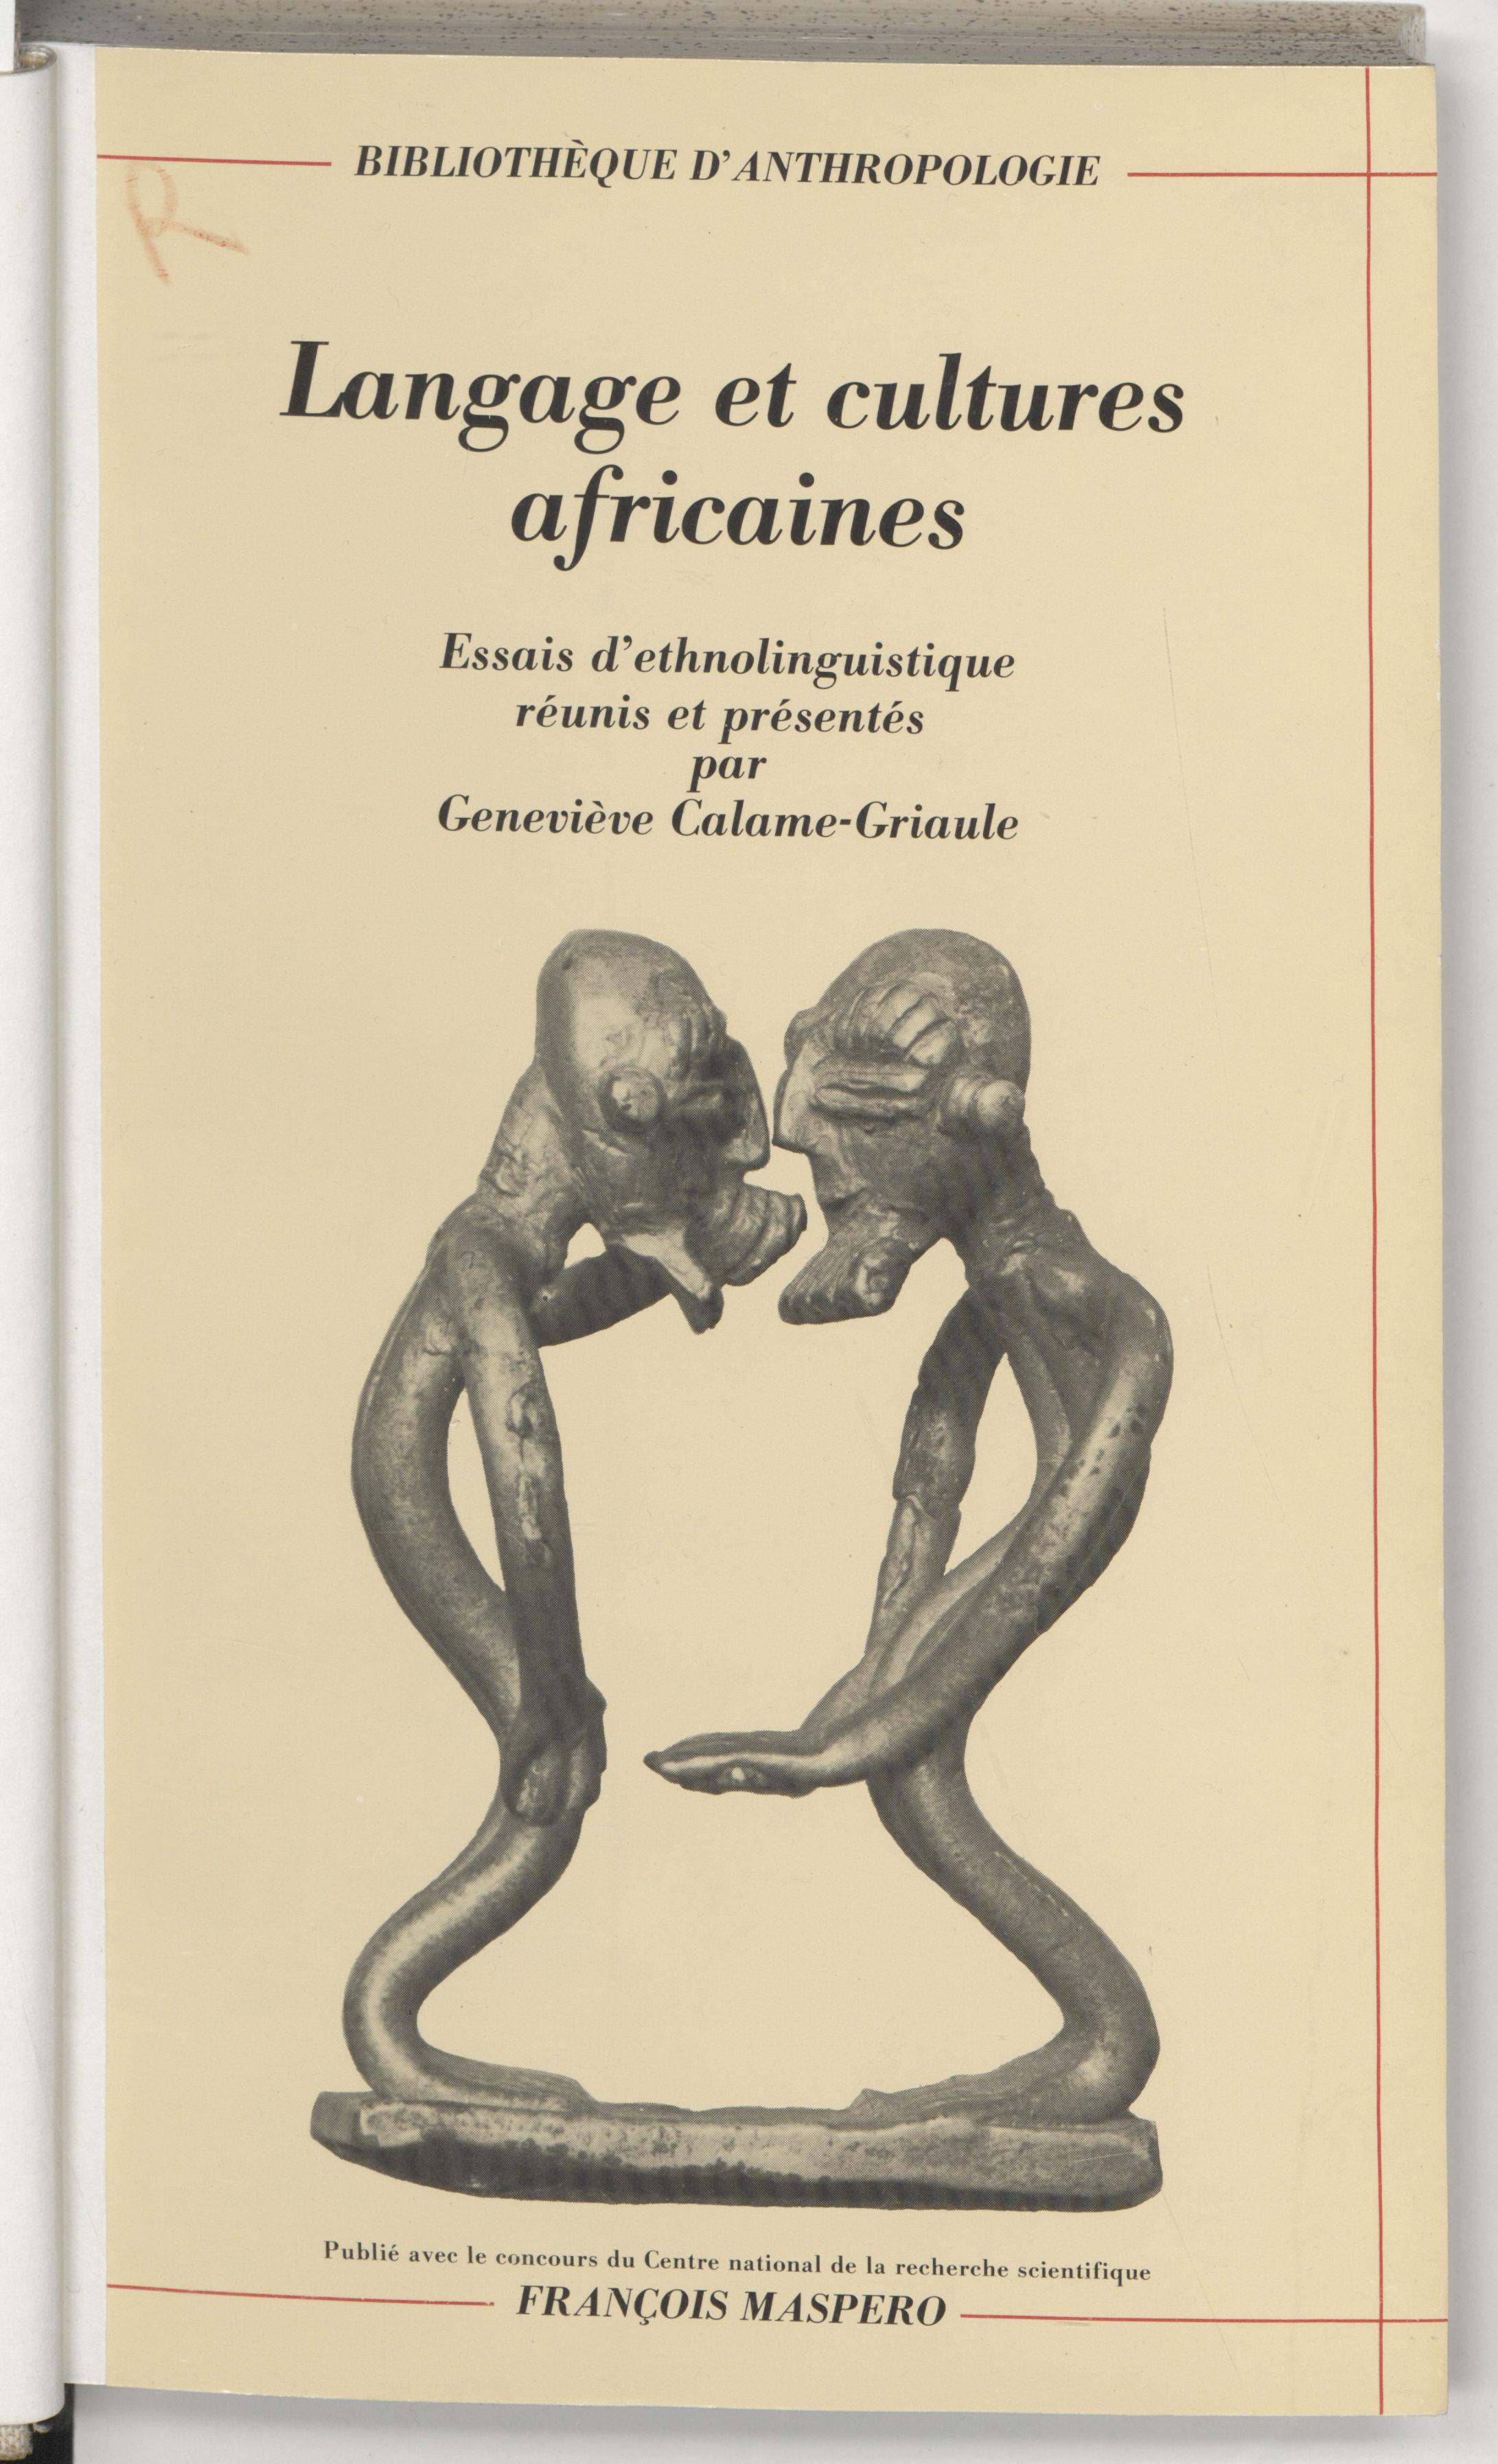 Langage et cultures africaines, Essais d'ethnolinguistique